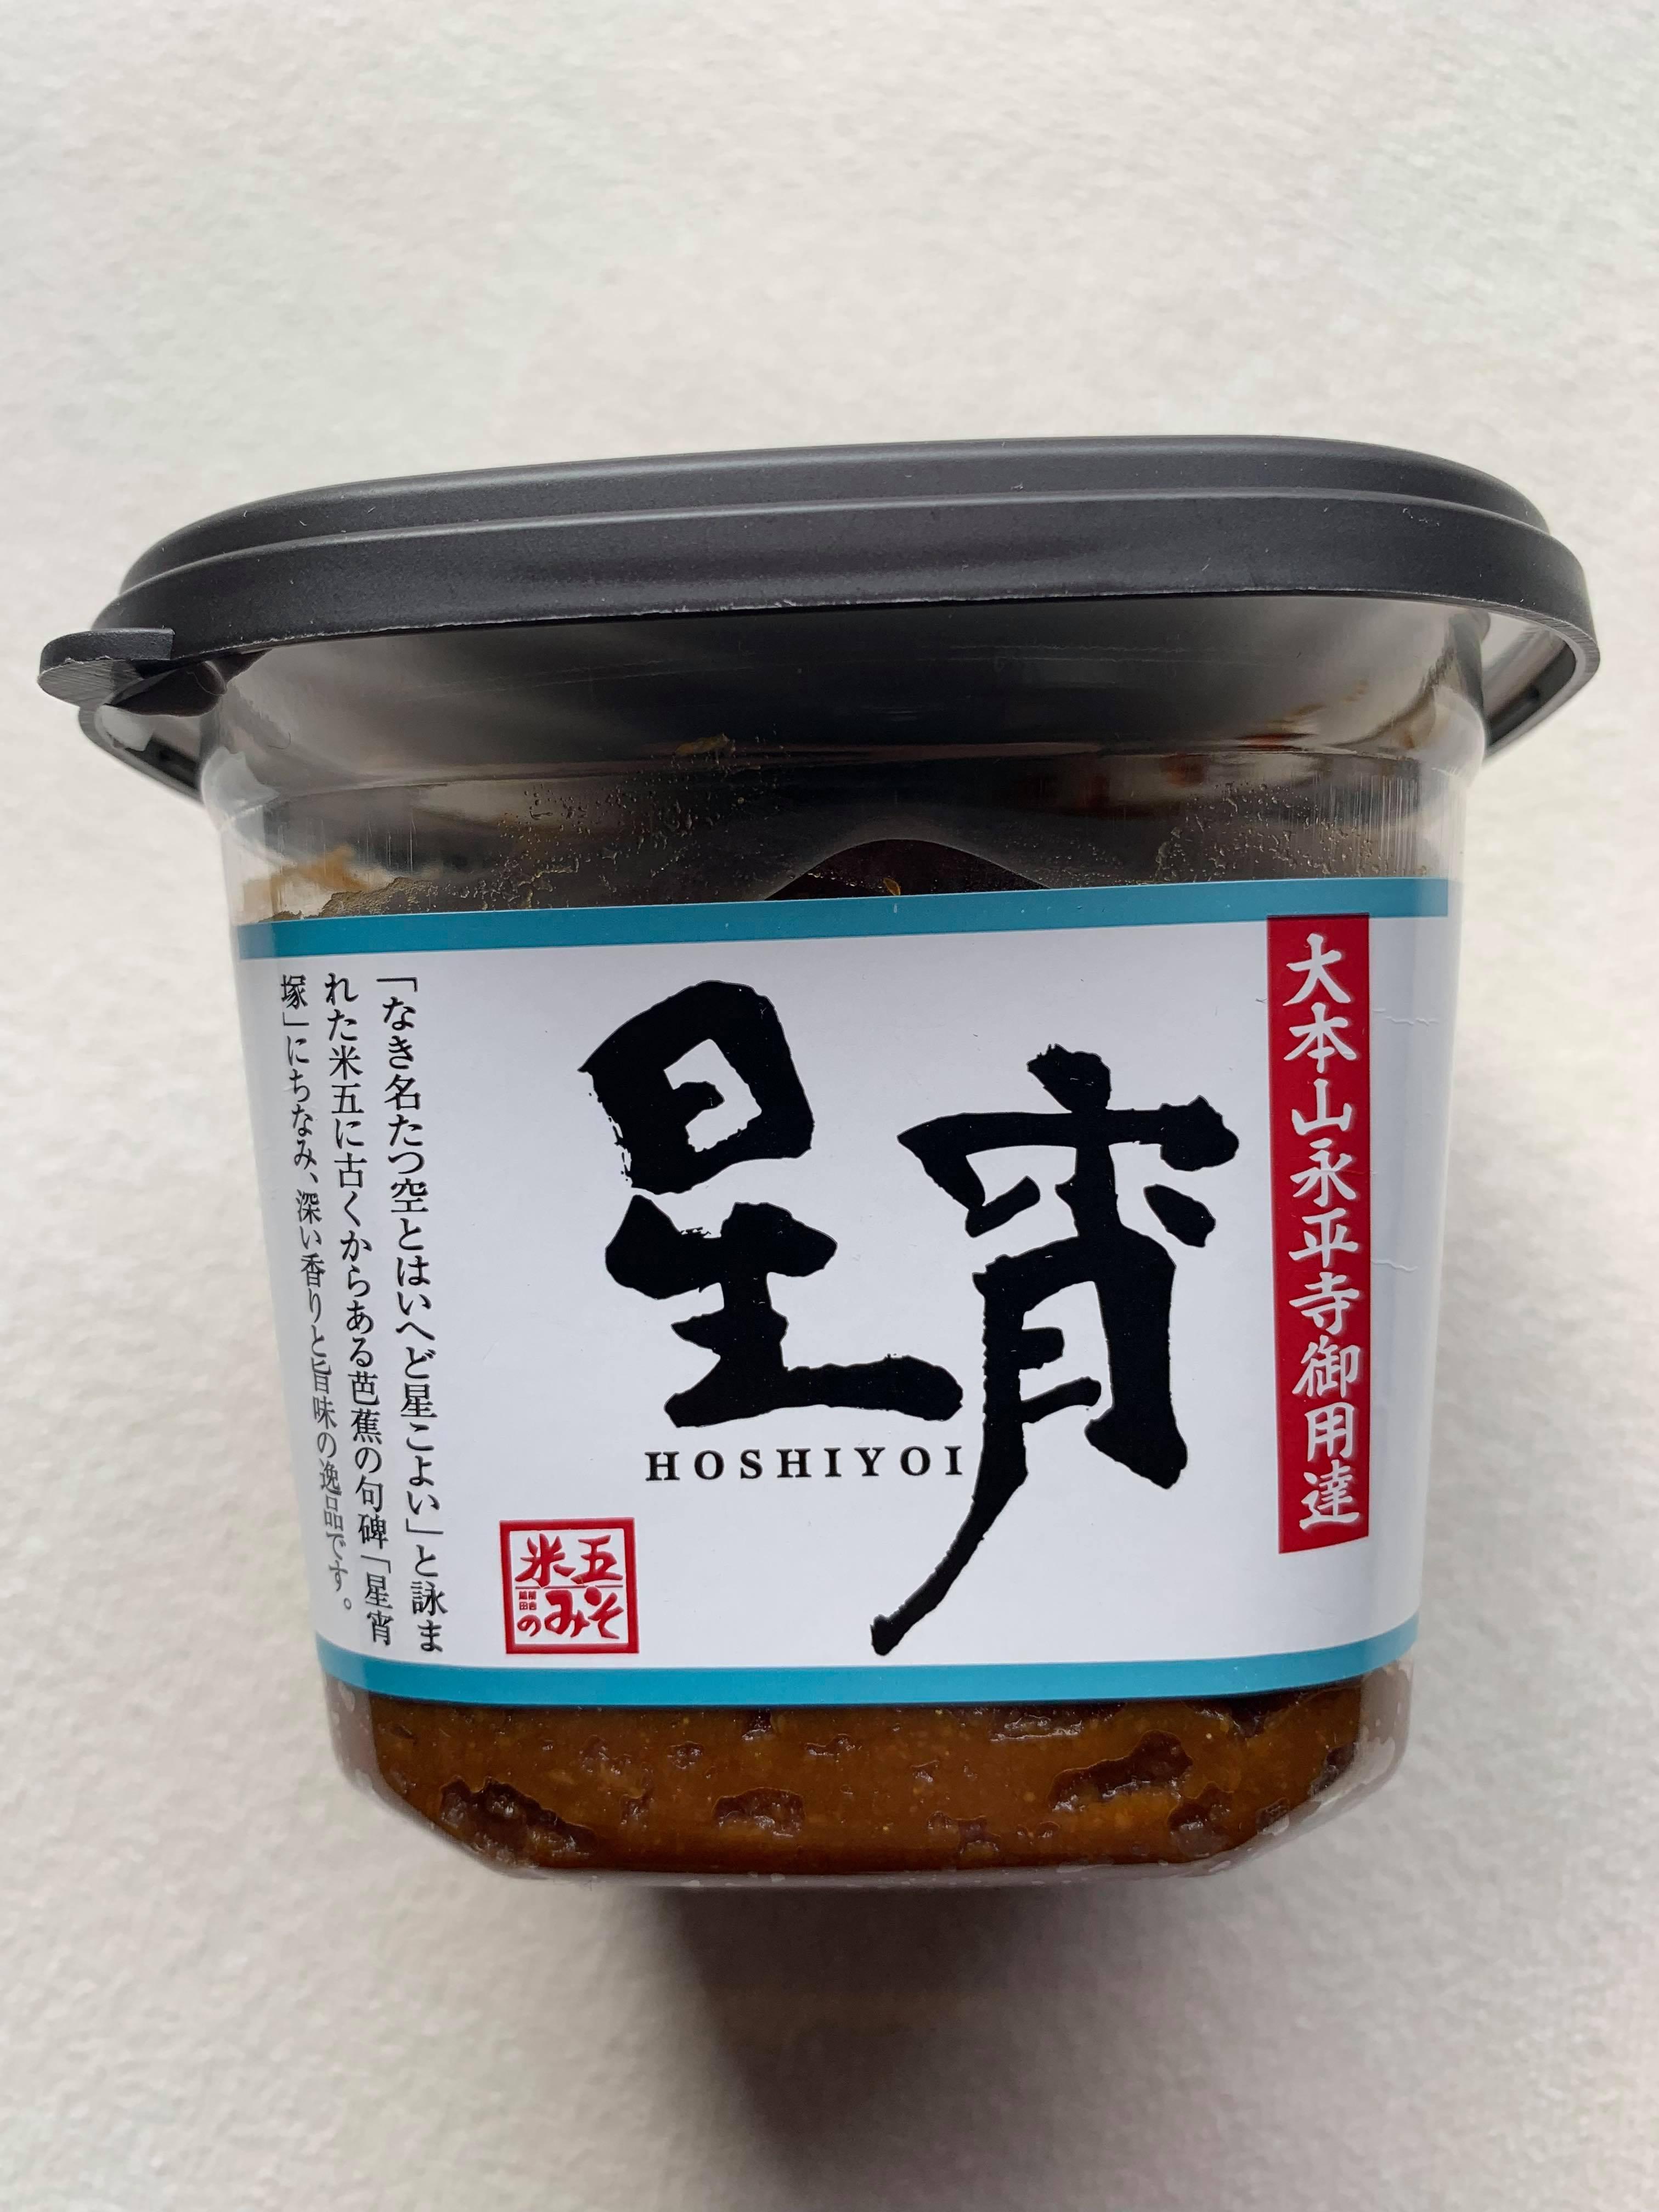 FUJIMARUセレクト/味噌 星宵 500g(福井・米五)